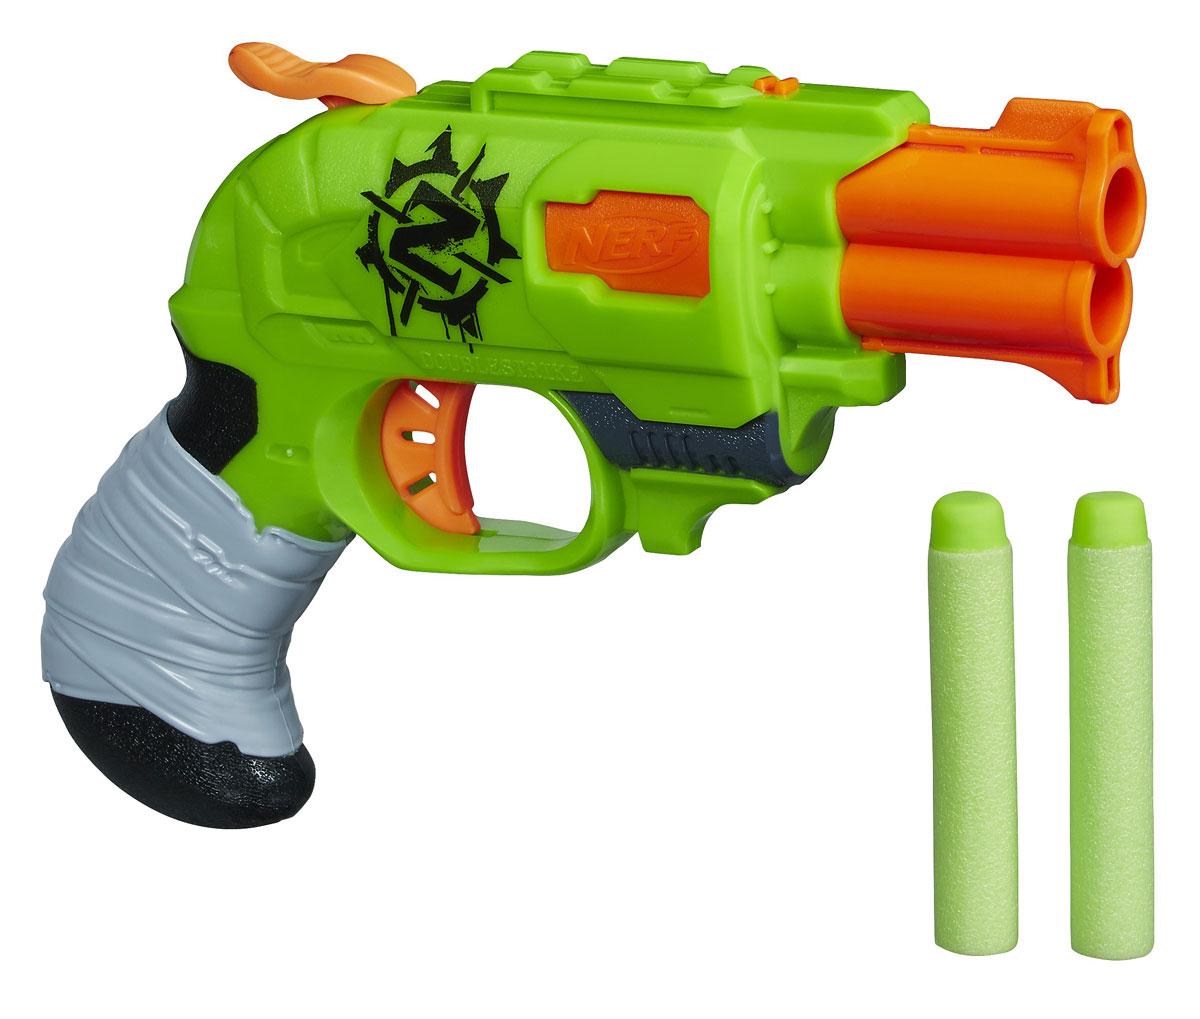 Nerf Бластер Zombie Strike, с патронами, цвет: салатовый, оранжевыйA6562EU4Бластер Nerf Zombie Strike позволит вашему ребенку почувствовать себя во всеоружии! Он выполнен из яркого прочного пластика салатового и оранжевого цветов. Стреляет двумя патронами одновременно путем нажатия на курок на расстояние свыше 20 метров. Комплект включает в себя два патрона, выполненных из гибкого вспененного полимера. Игра с таким бластером поможет ребенку в развитии меткости, ловкости, координации движений и сноровки.